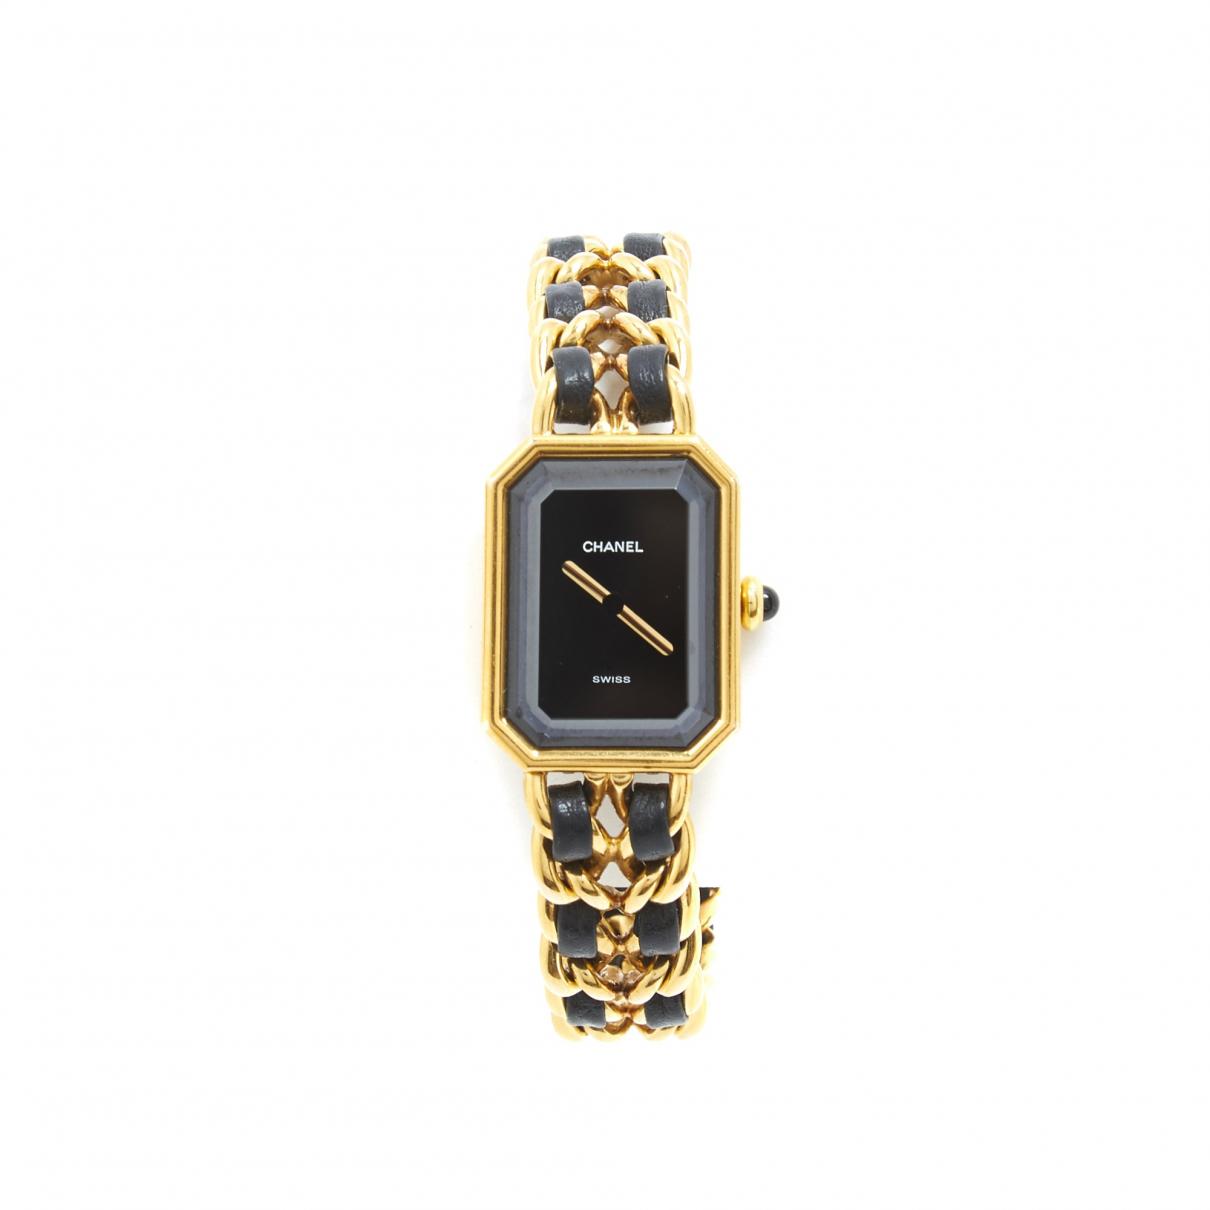 Chanel - Montre Premiere pour femme en plaque or - dore